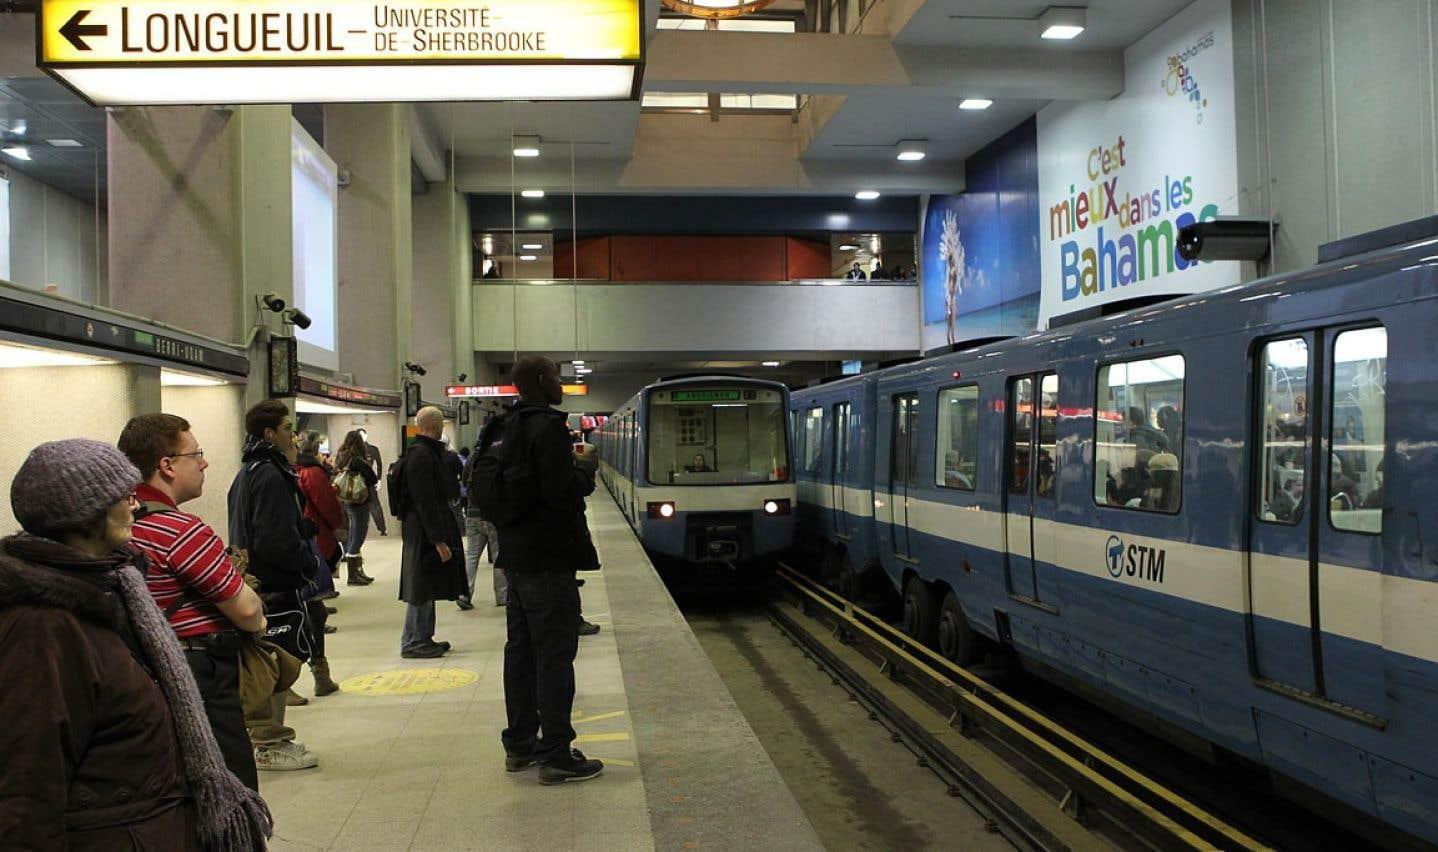 Même si Québec souhaite aussi s'attaquer à la ligne jaune, la priorité a été donnée au prolongement de la ligne bleue, puisque l'ajout de stations sur cette ligne permet d'envisager l'achalandage le plus élevé.